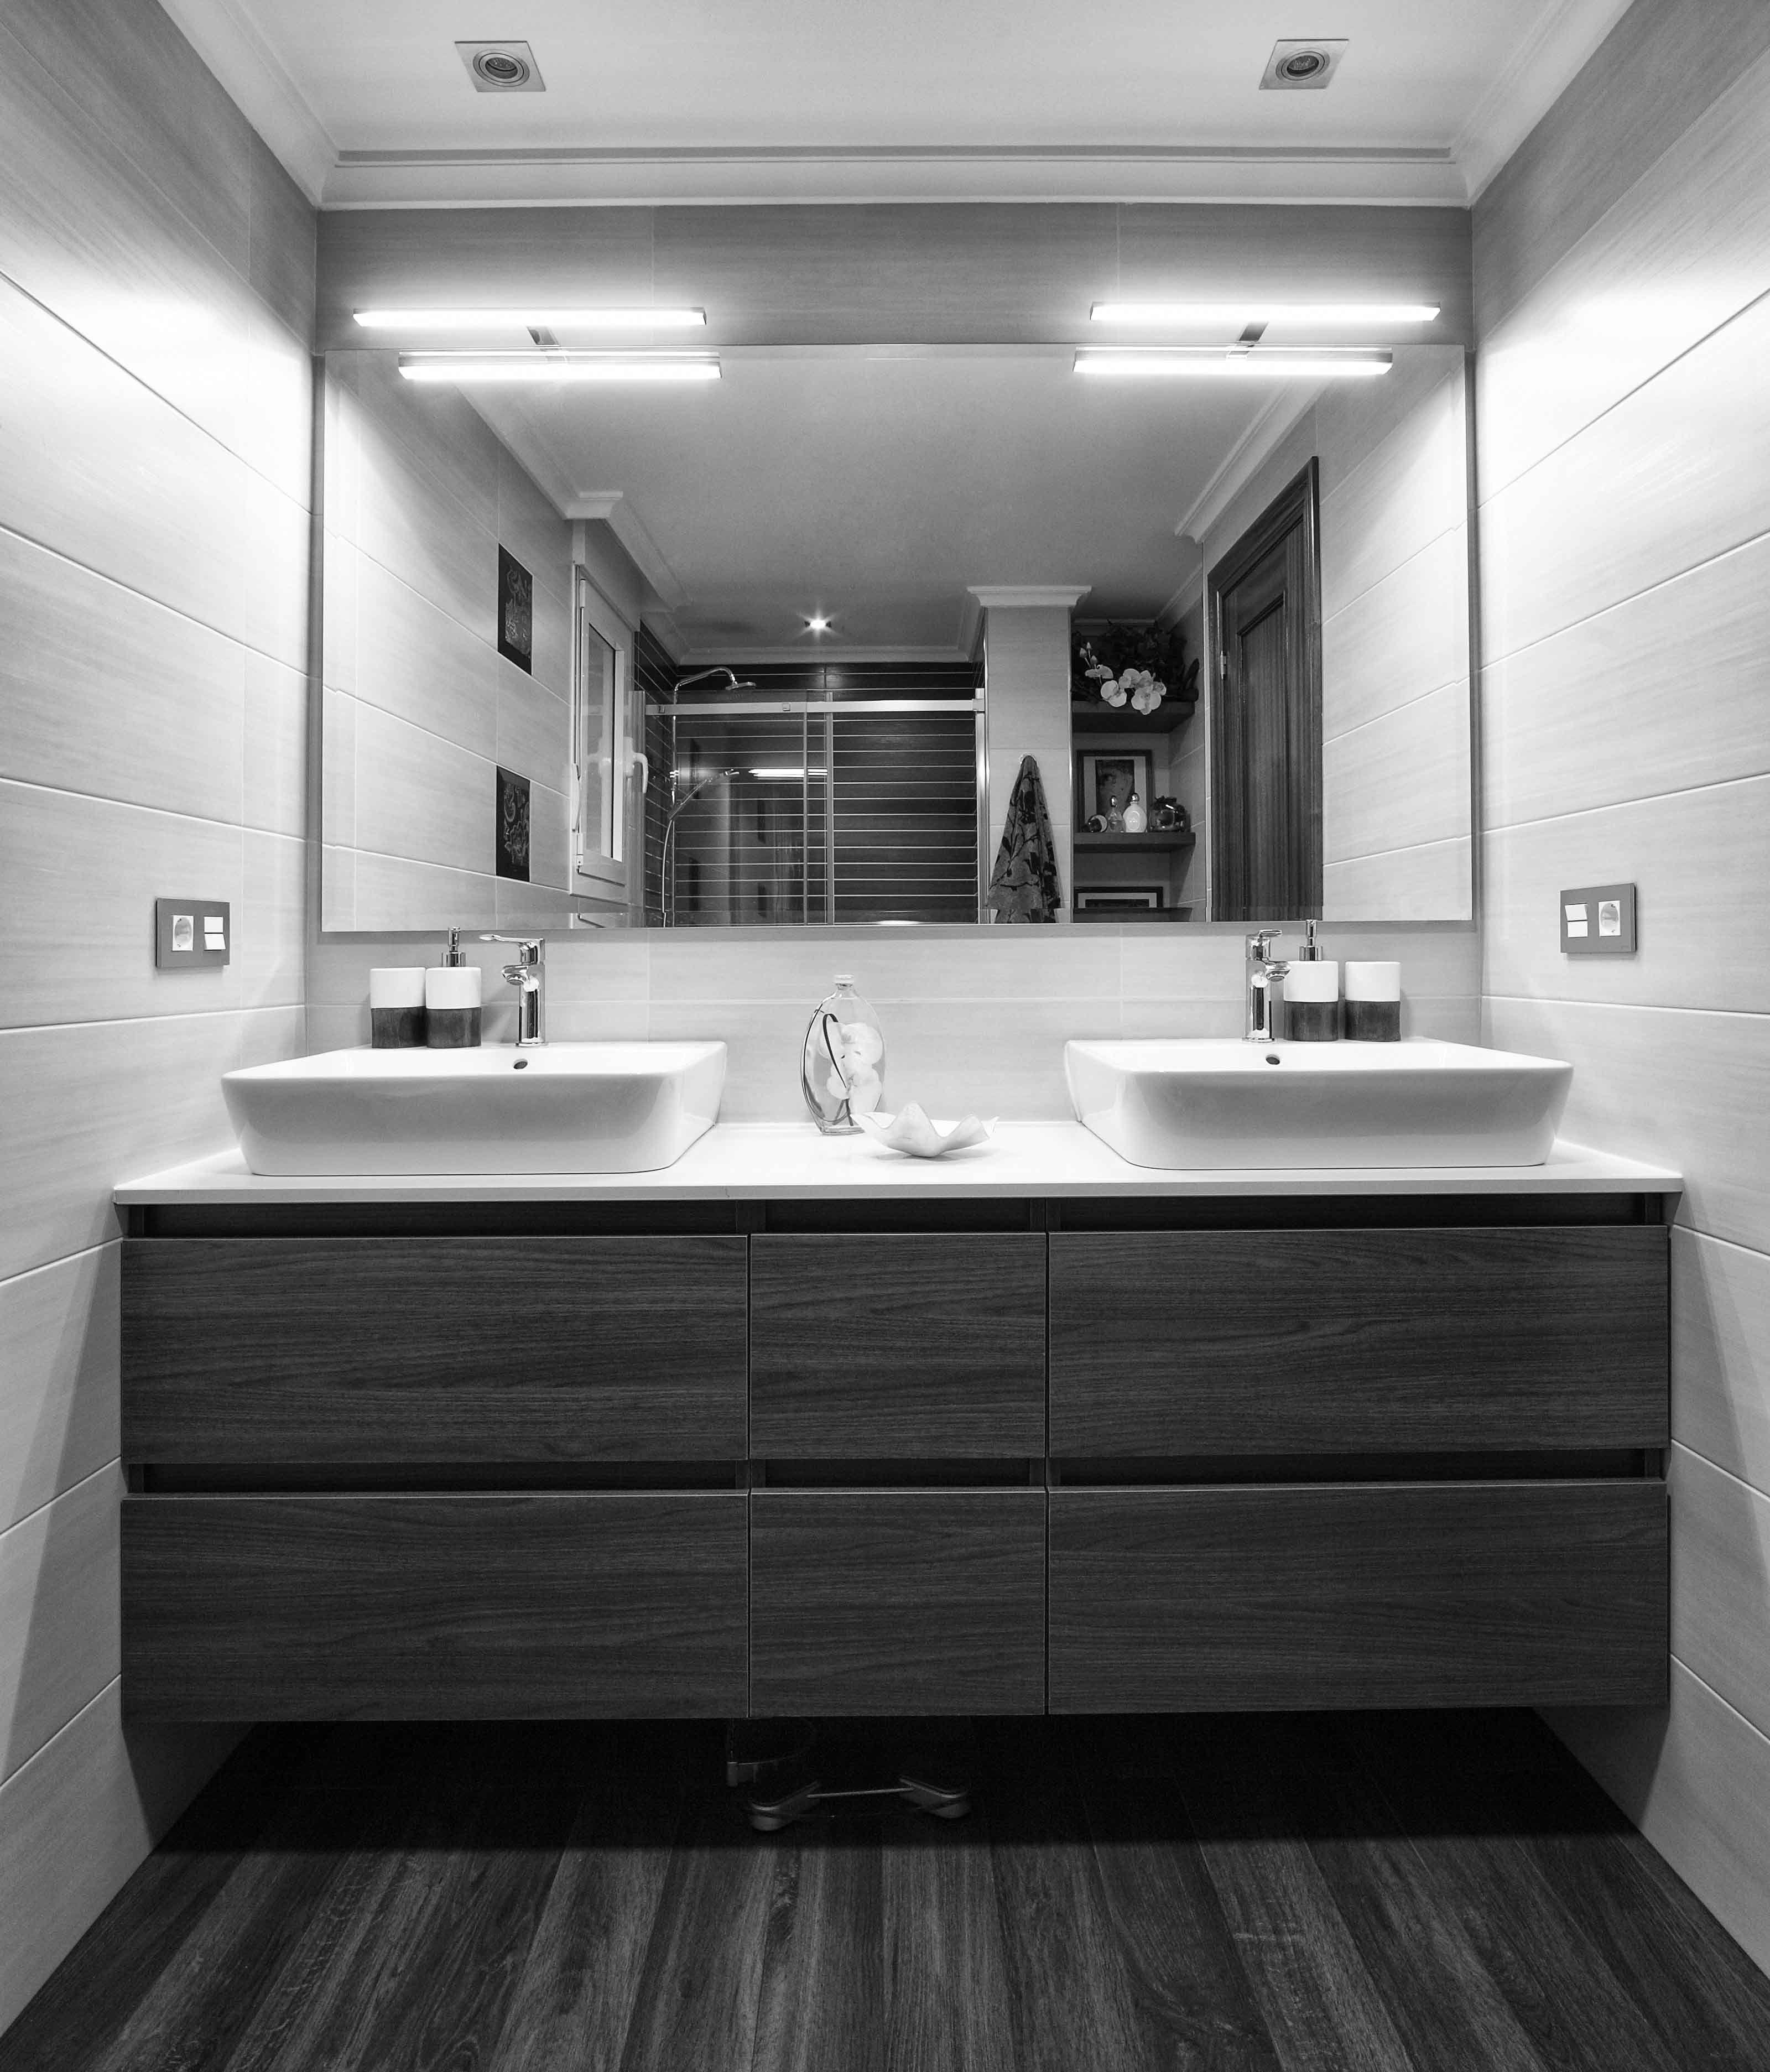 Baño con dos lavabos en 2019 | Baños, Cuarto de baño y ...